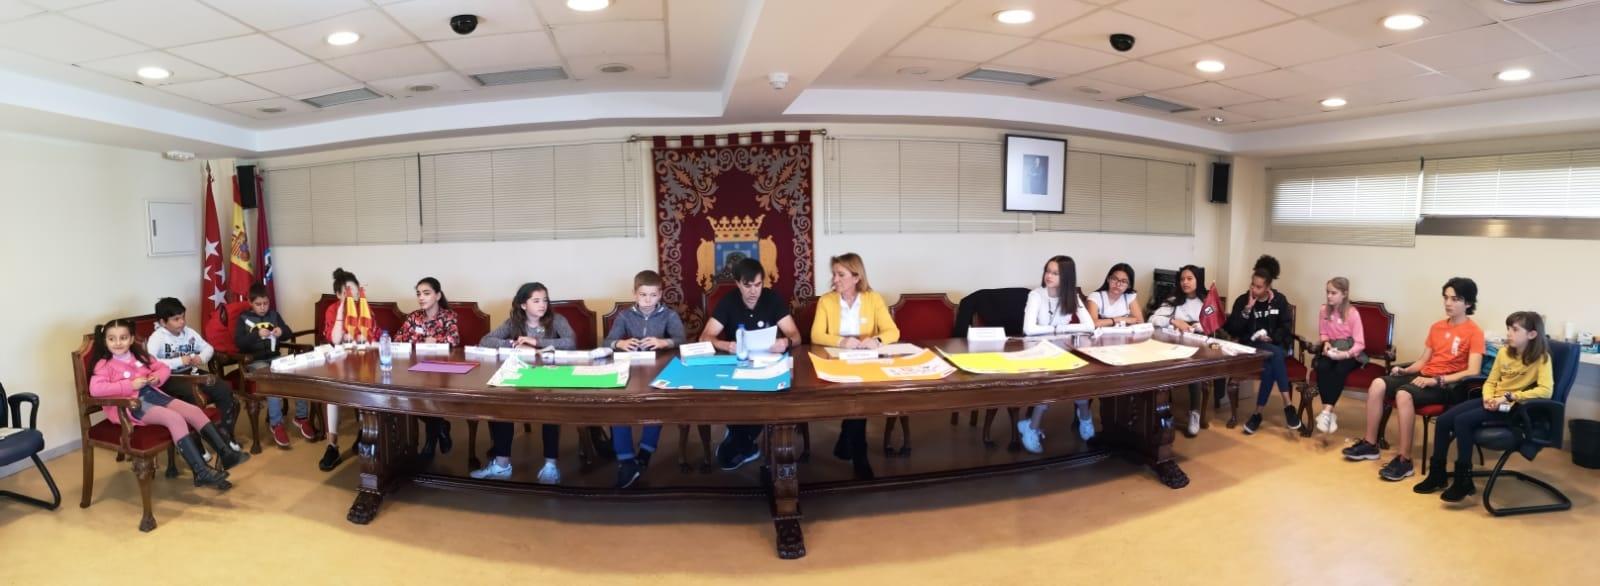 Comisión de Participación Infantil y Adolescente de Vicálvaro